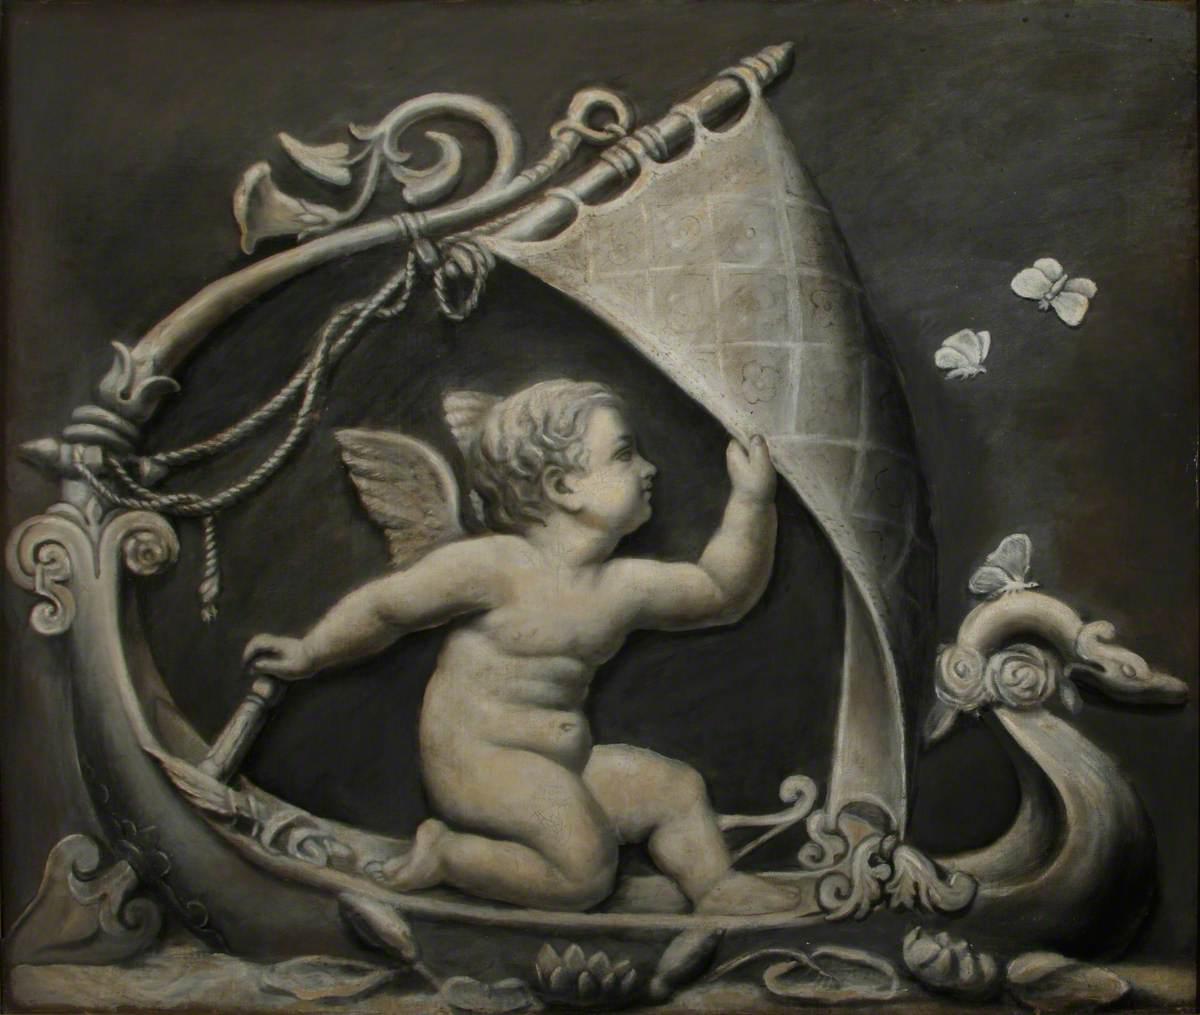 Cupid as Helmsman